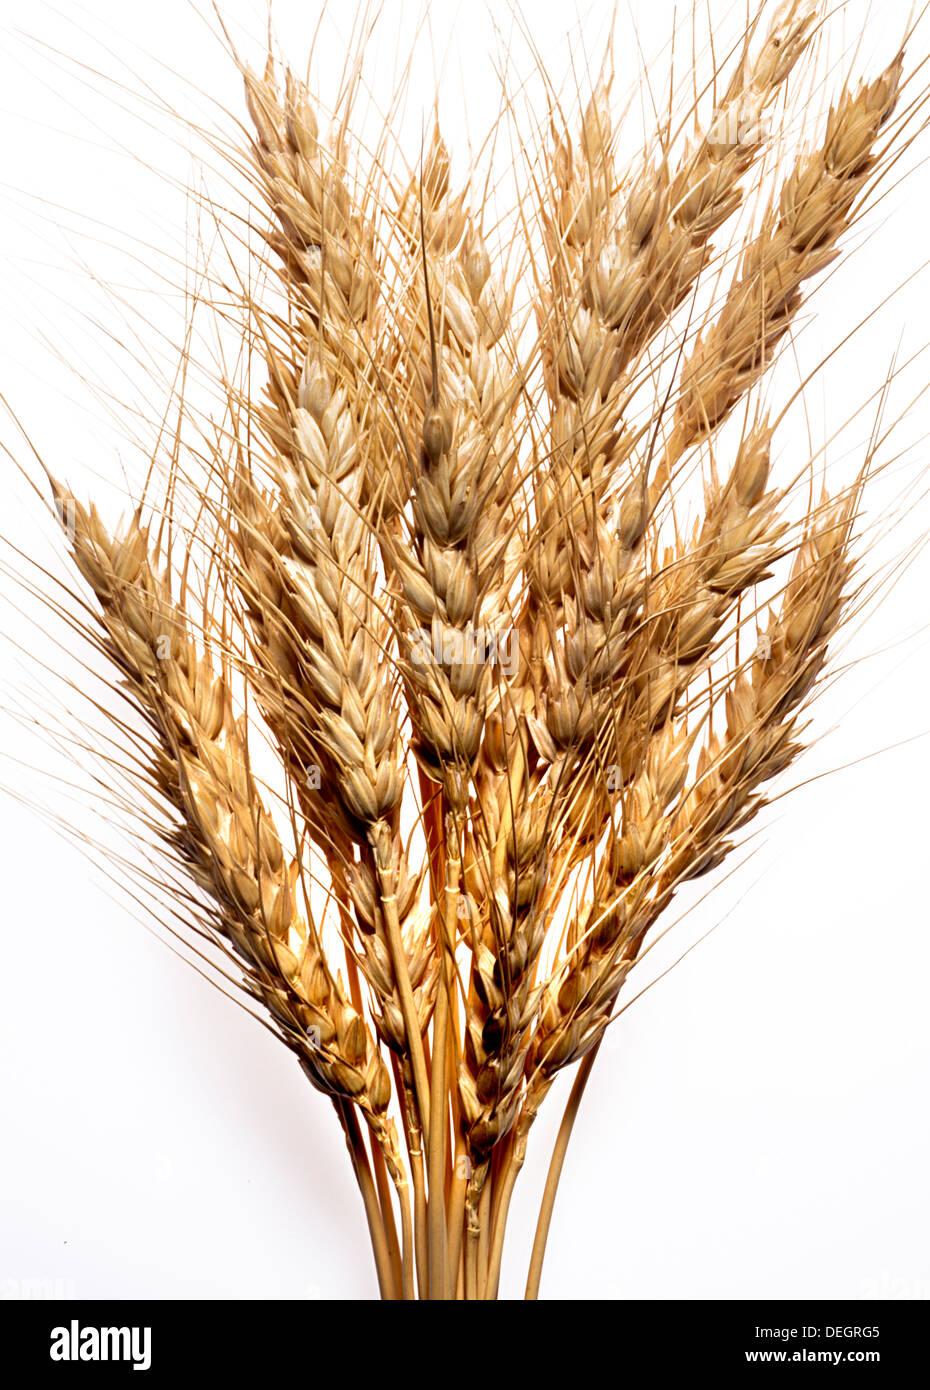 tiges de blé Photo Stock